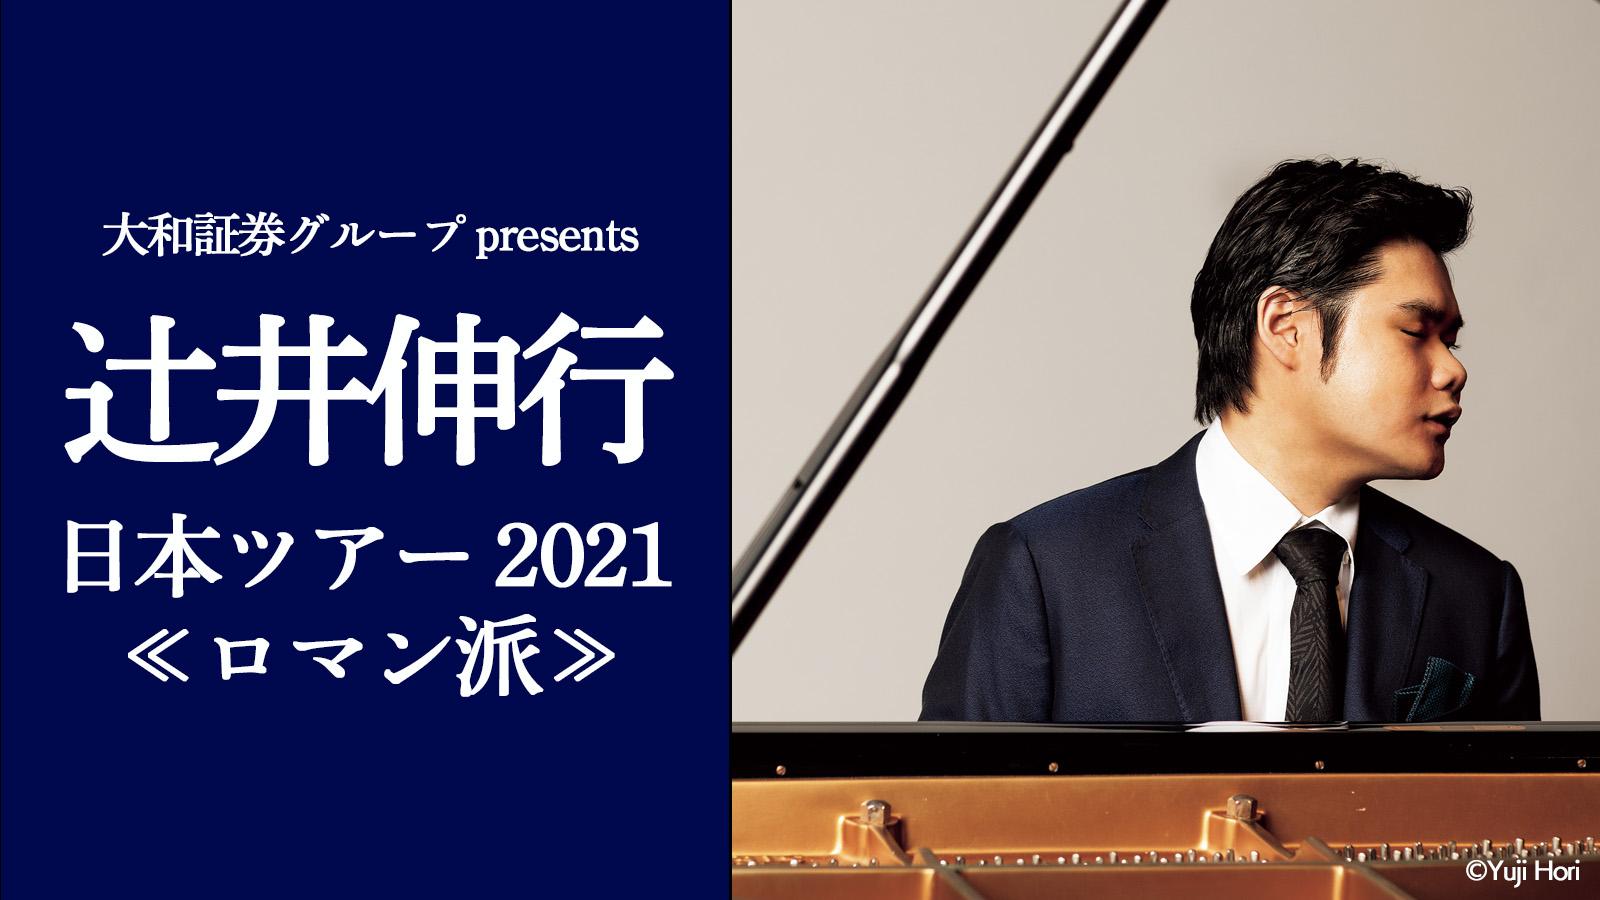 大和証券グループ presents 辻井伸行 日本ツアー 2021 ≪ロマン派≫